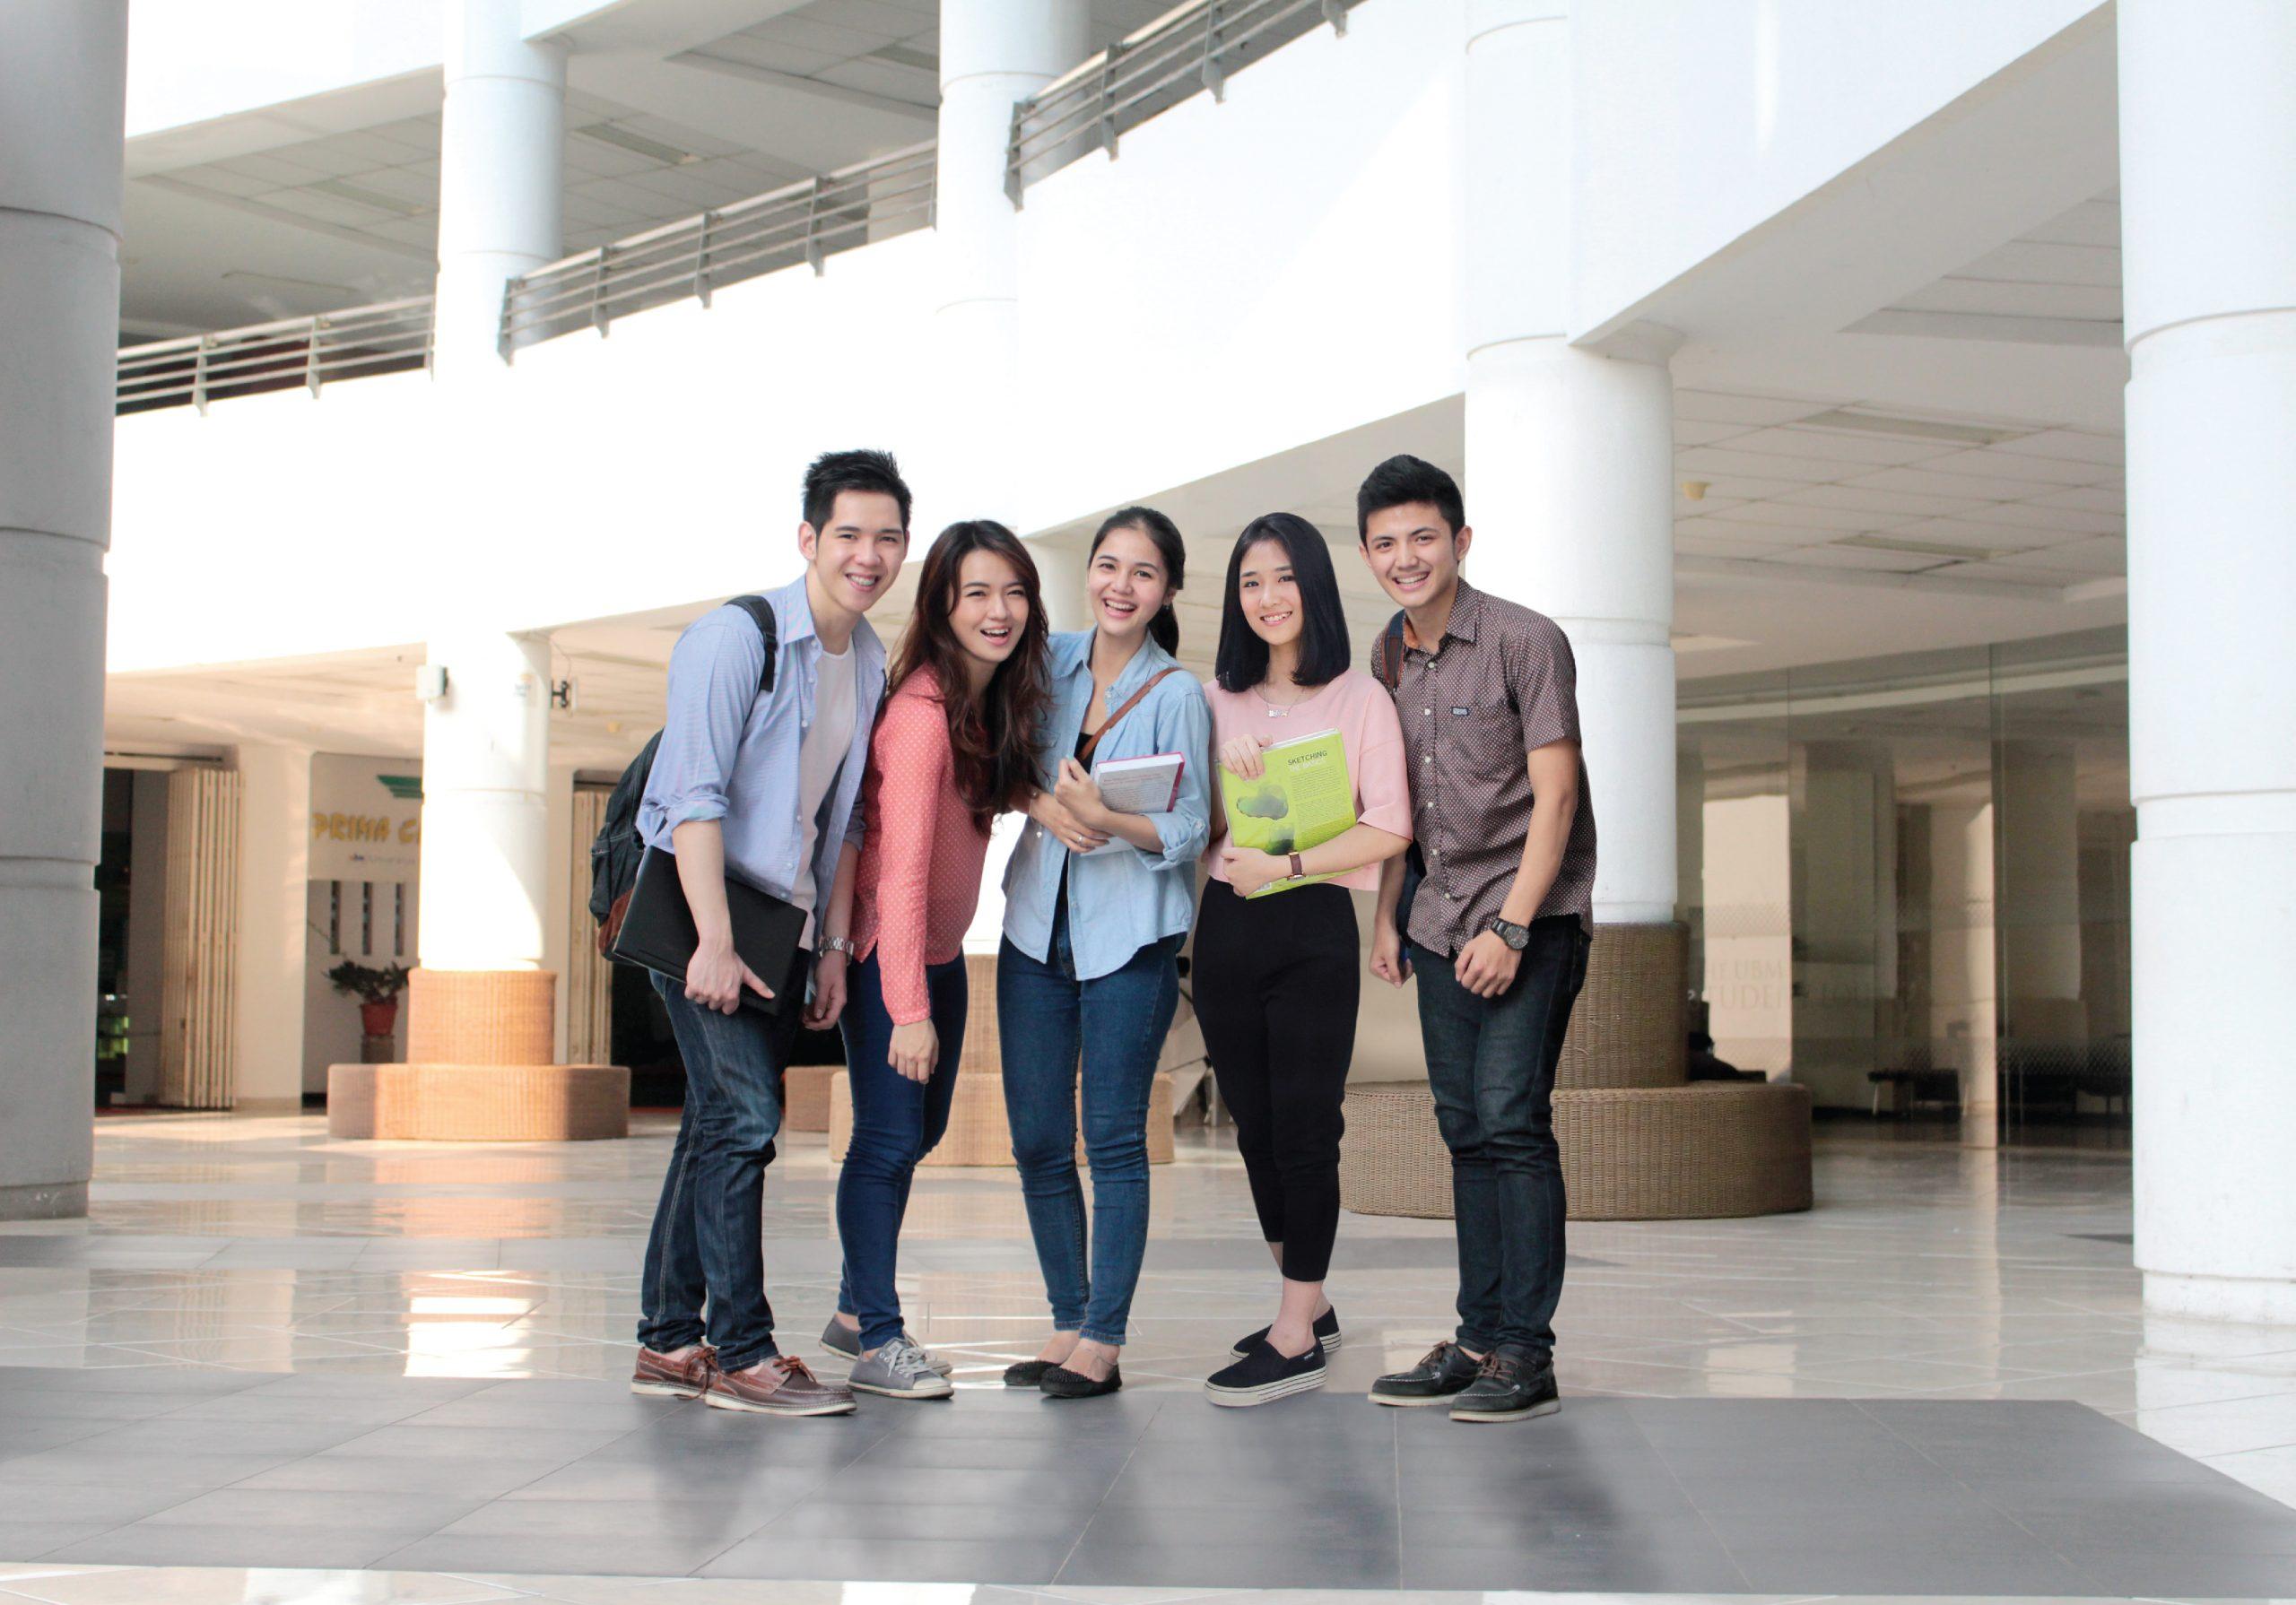 Gambar sekelompok mahasiswa ubm sedang ceria